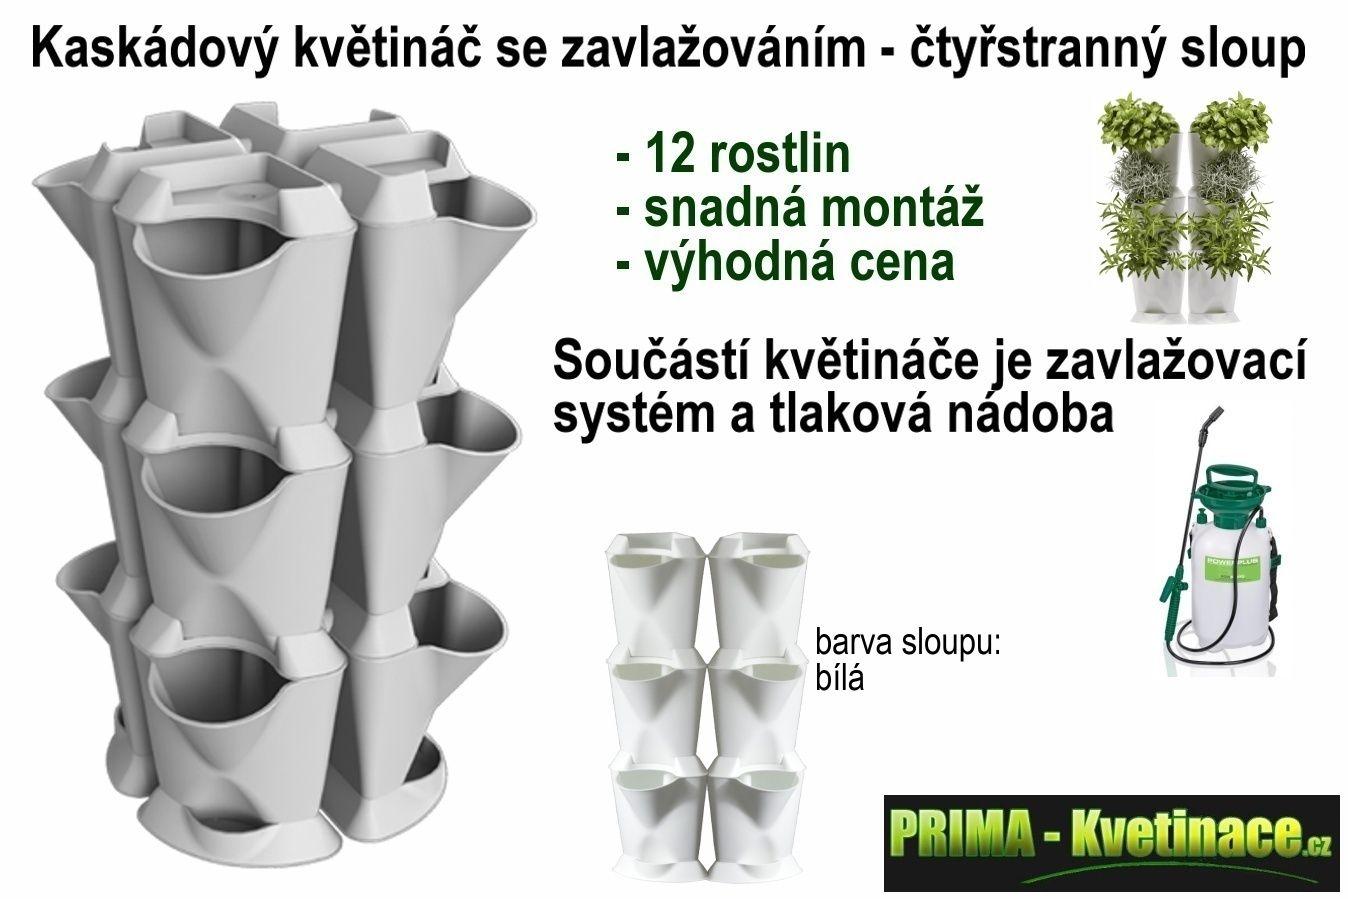 Prima-květináče vertikální květináč, kaskádový sloup Minigarden samozavlažovací plastové venkovní závěsné